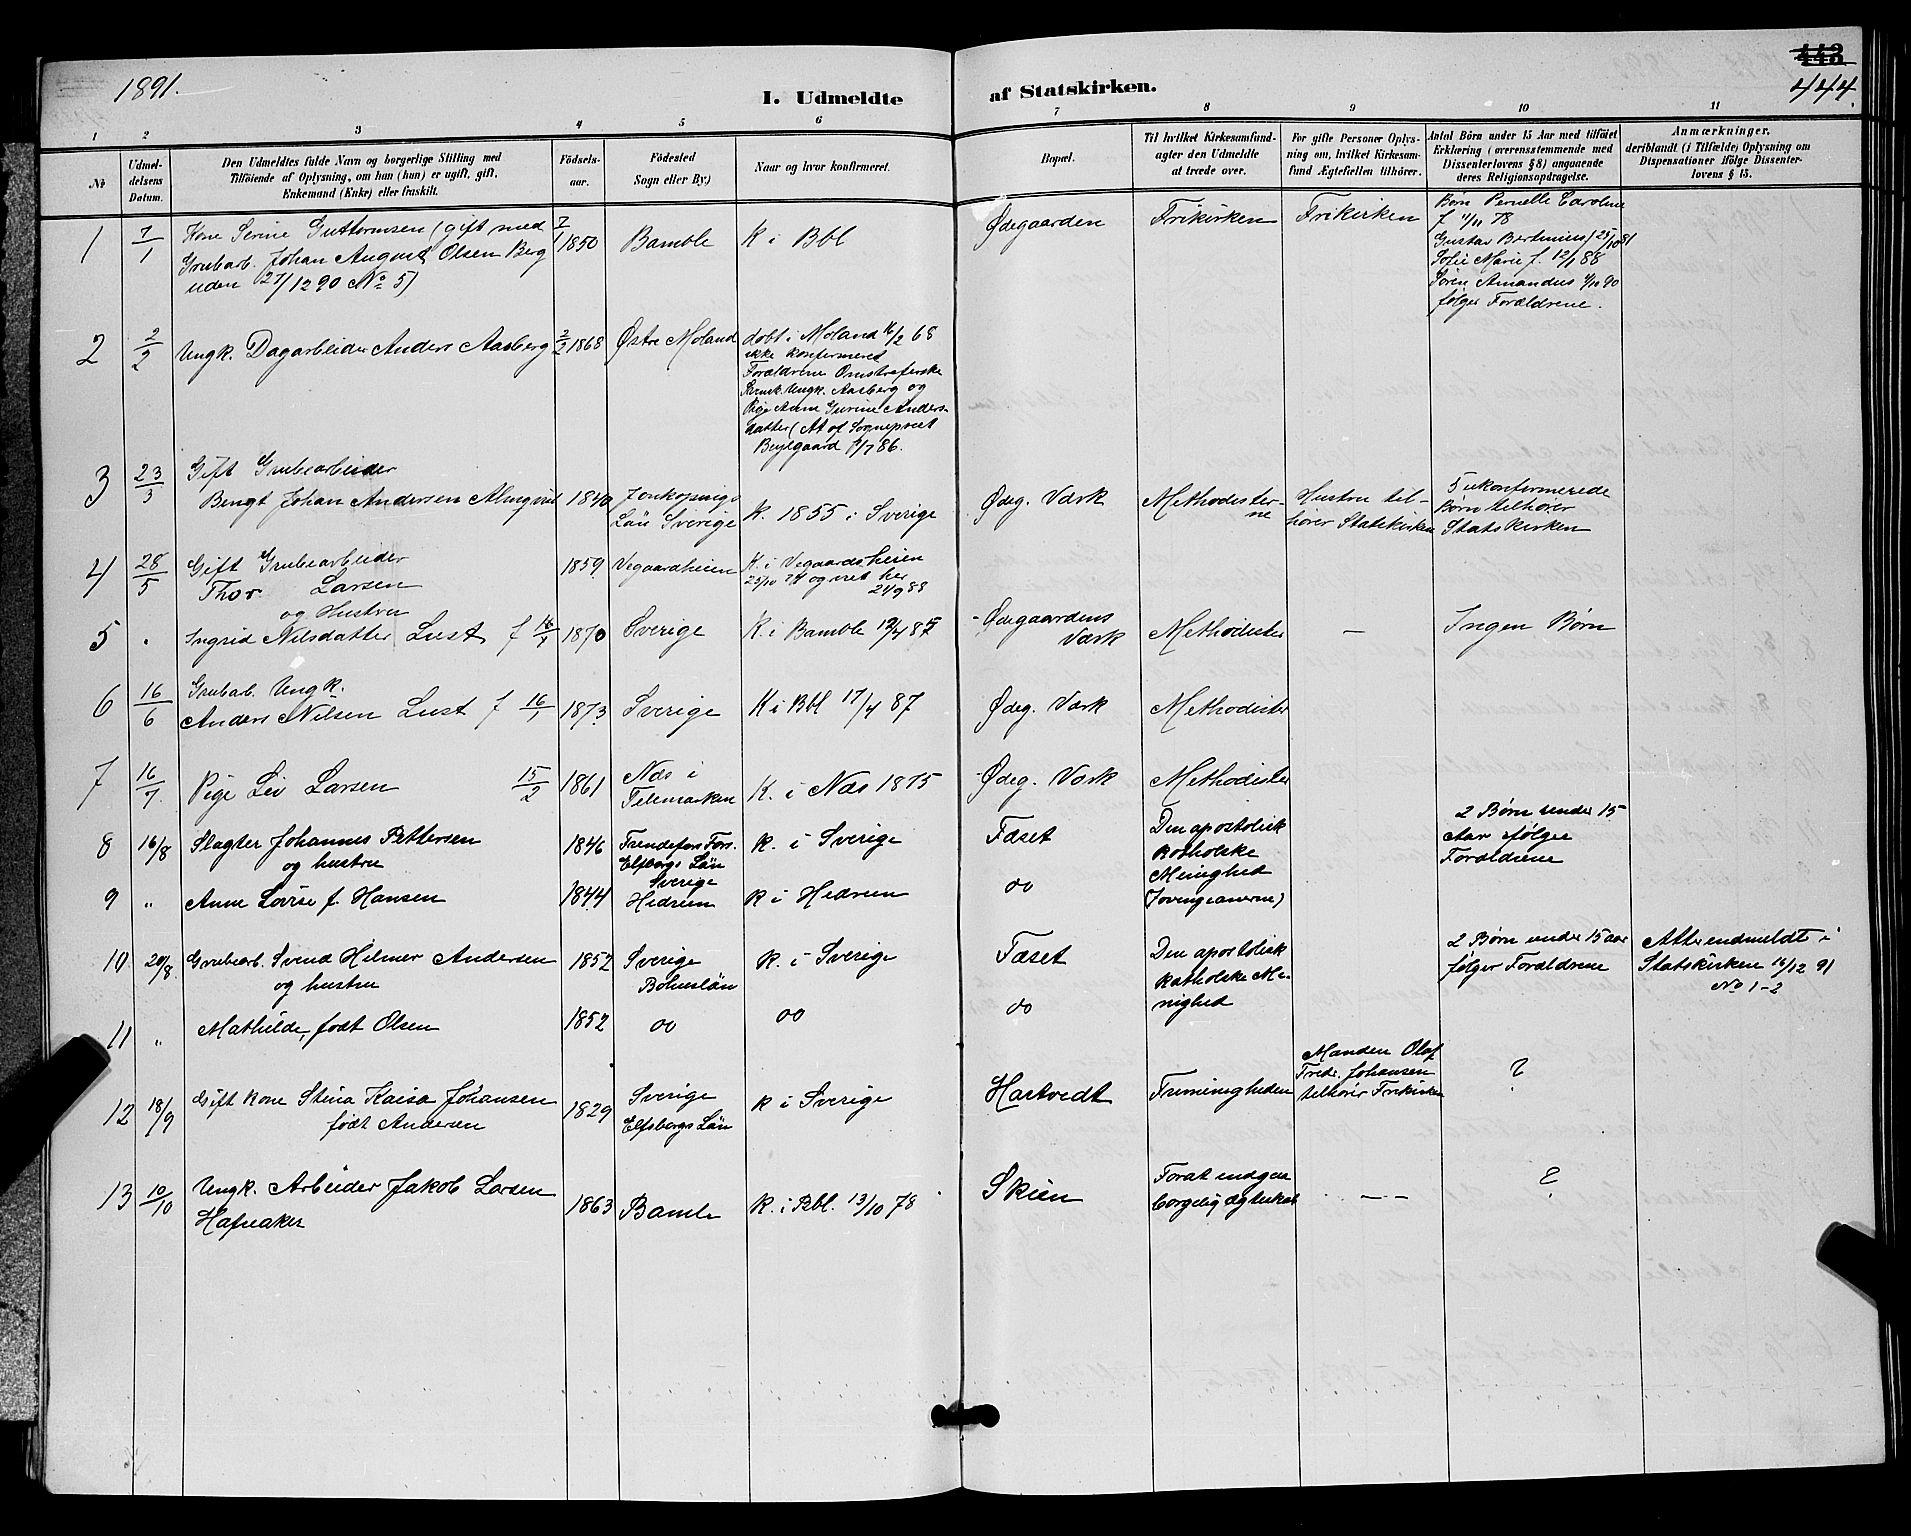 SAKO, Bamble kirkebøker, G/Ga/L0009: Klokkerbok nr. I 9, 1888-1900, s. 444